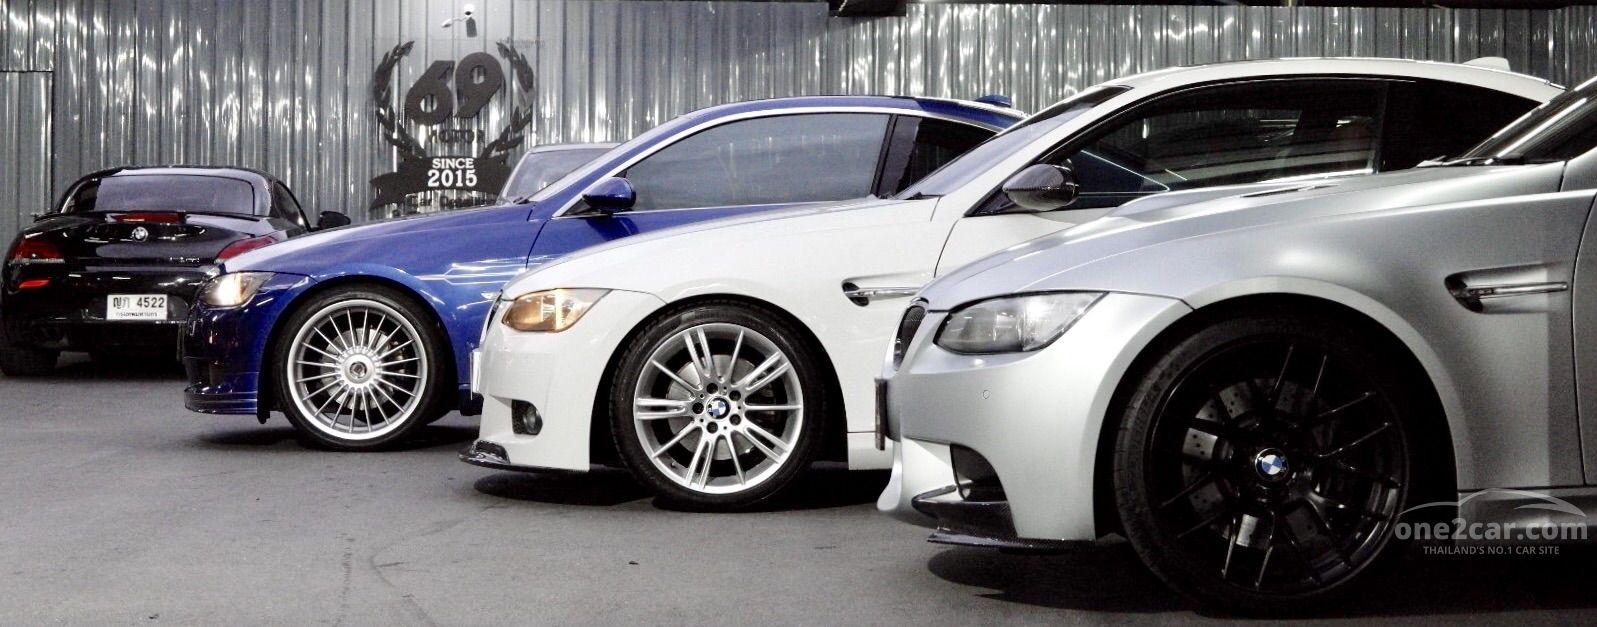 69 auto sale one2car - ผลการค้นหา พบรถจำนวน 30 คัน สำหรับขาย ในประเทศไทย